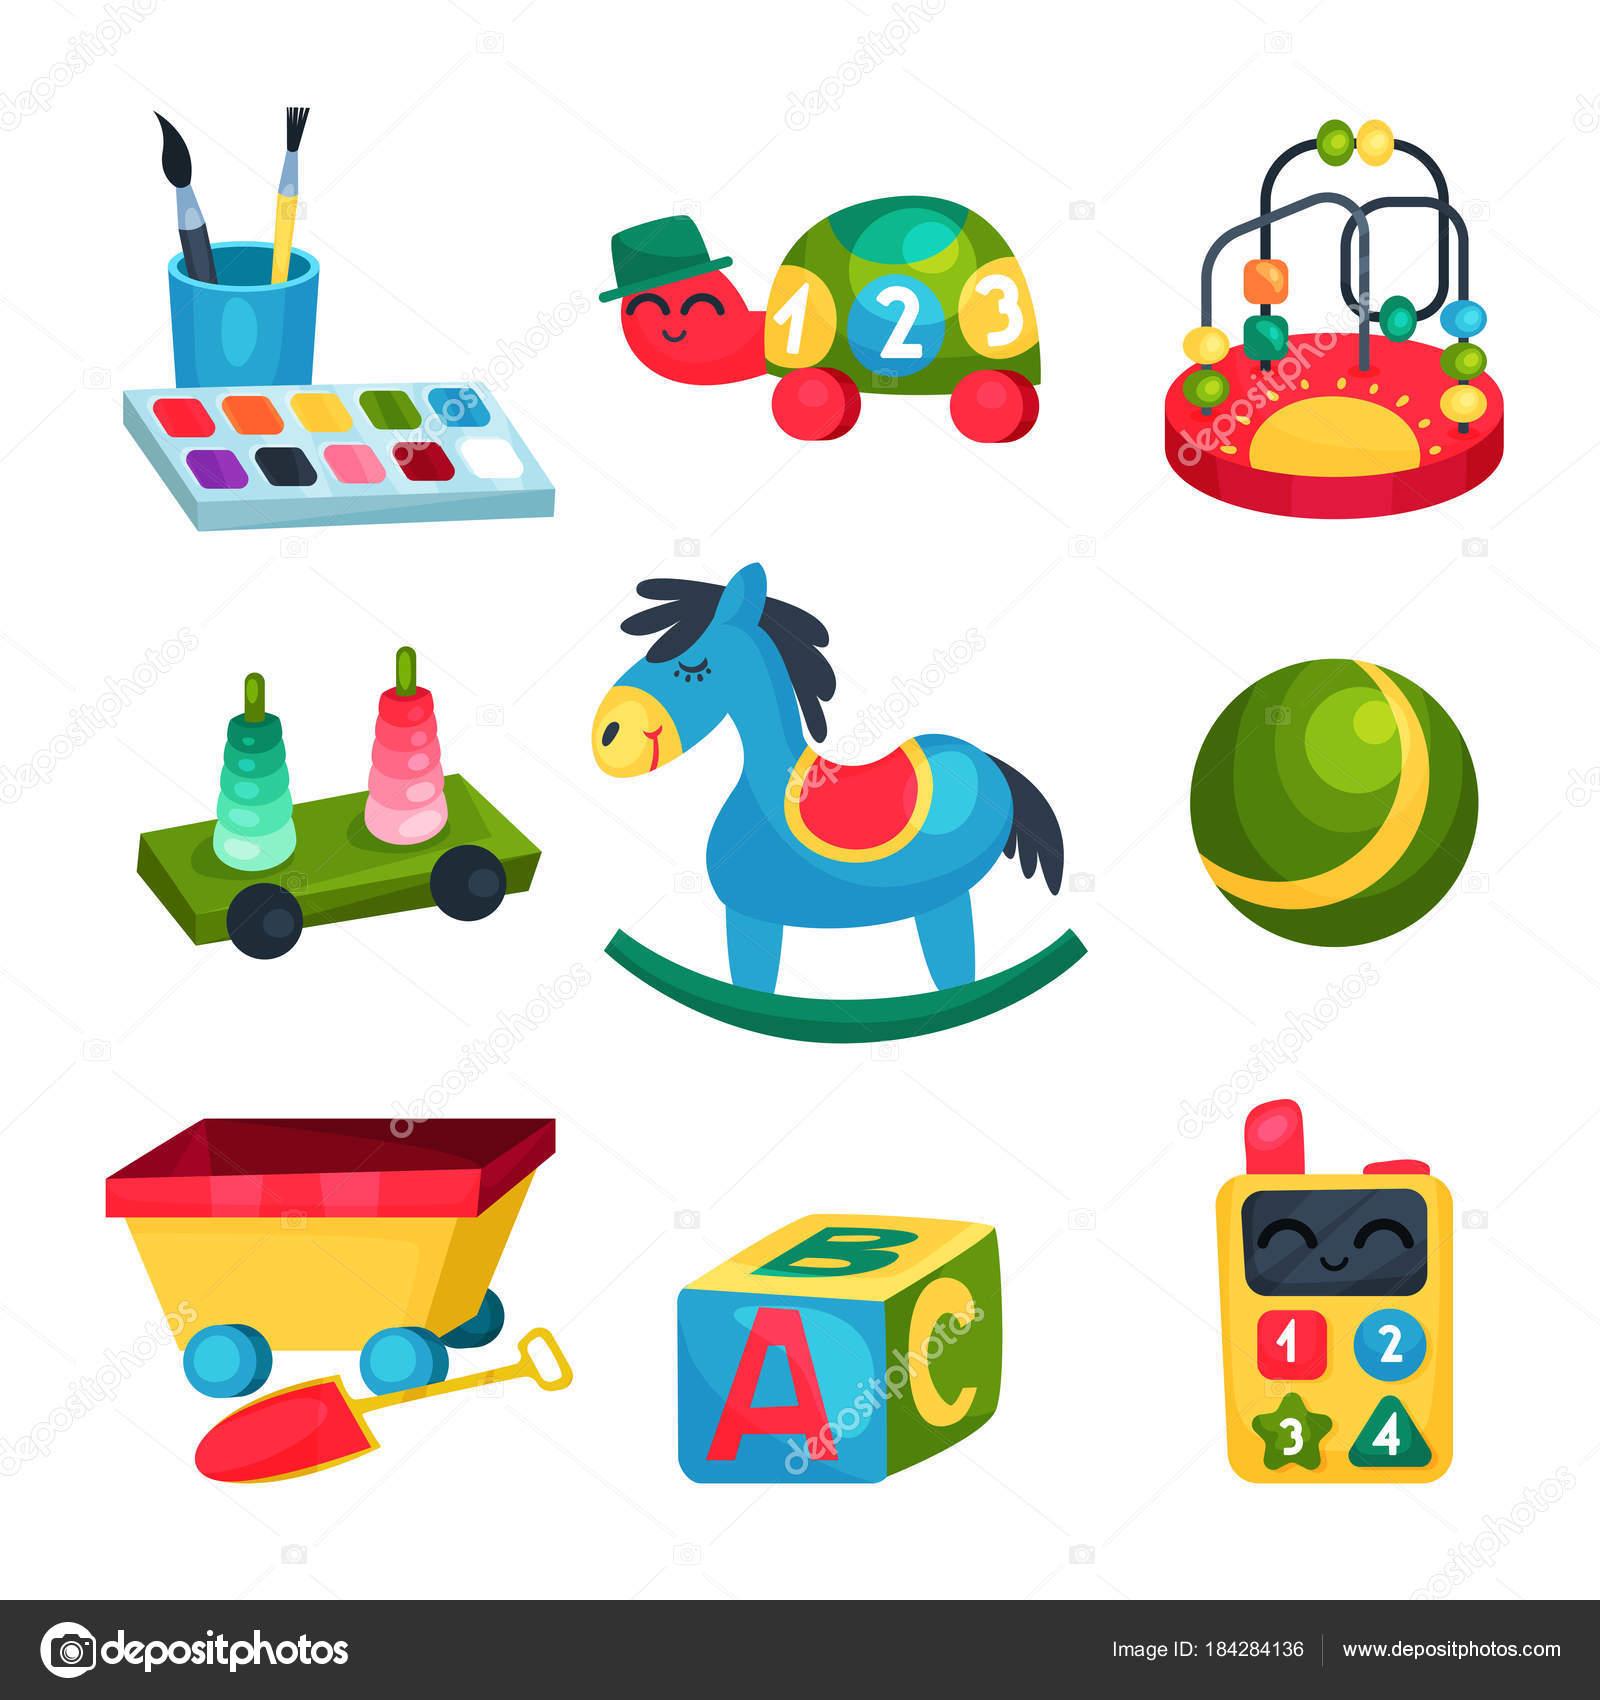 sammlung von verschiedenen s kinderspielzeug ball